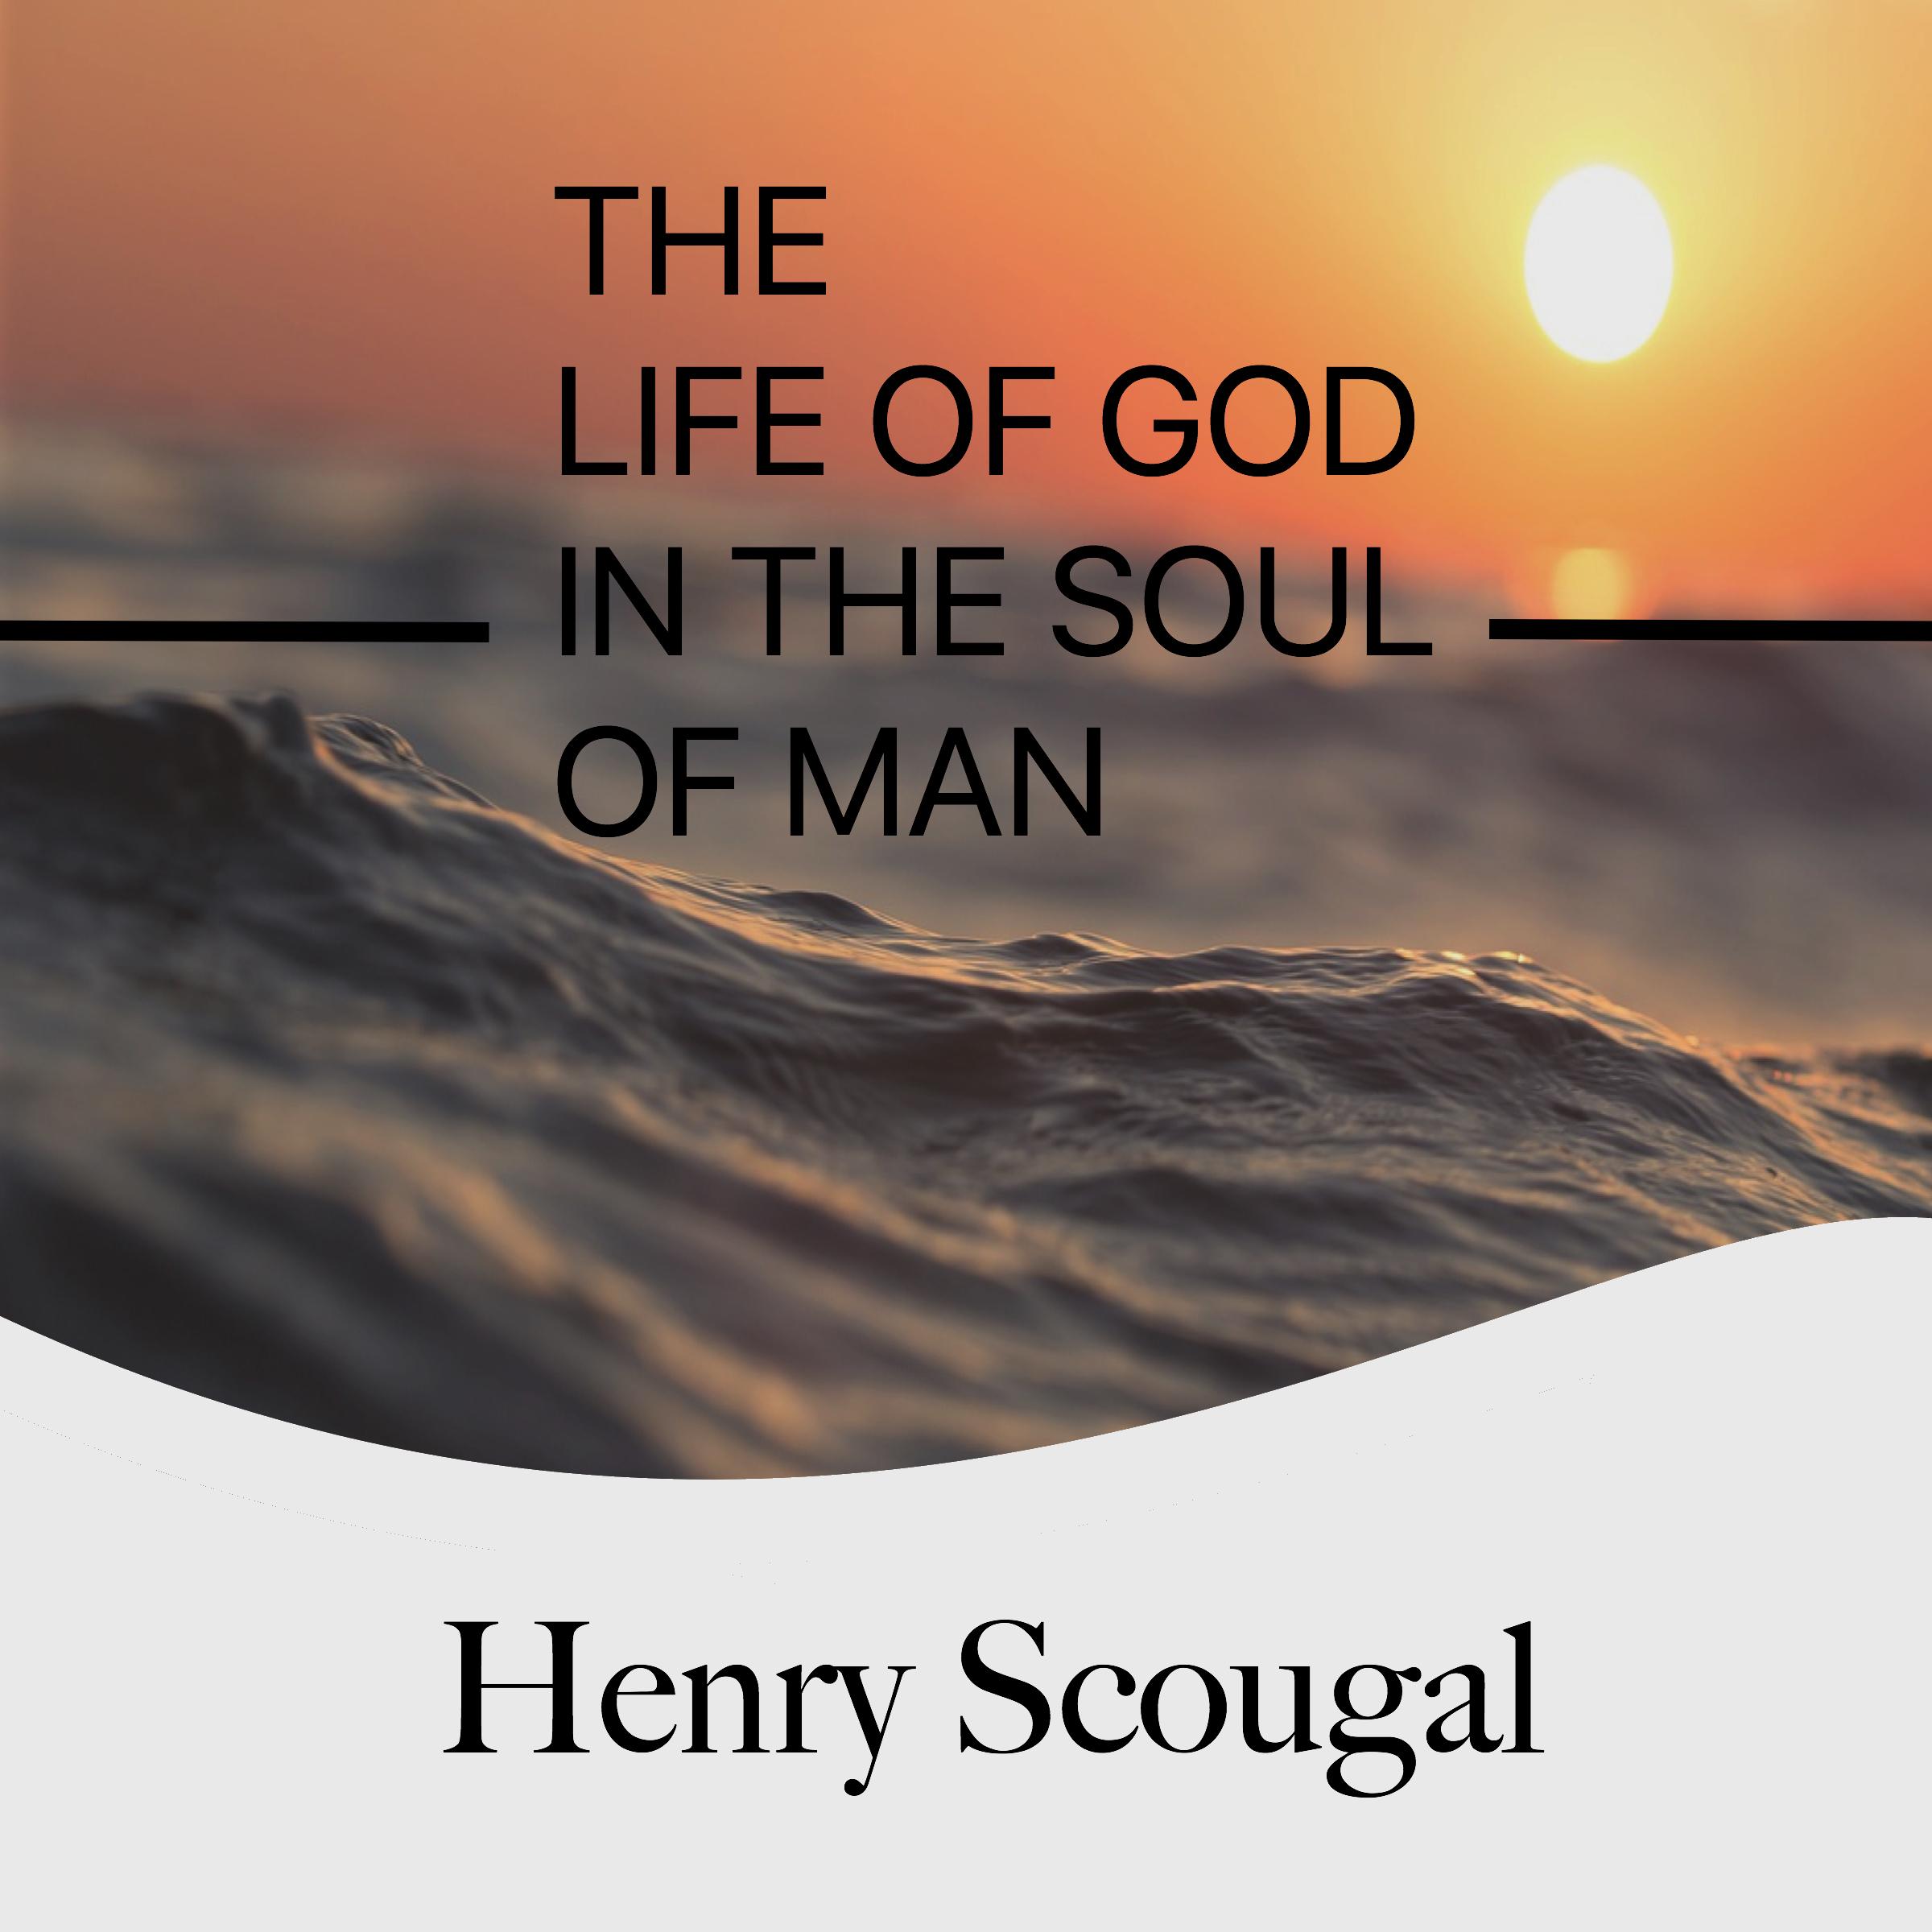 JPEG Audiobook Cover for Henry Scougal - Life of God.jpg